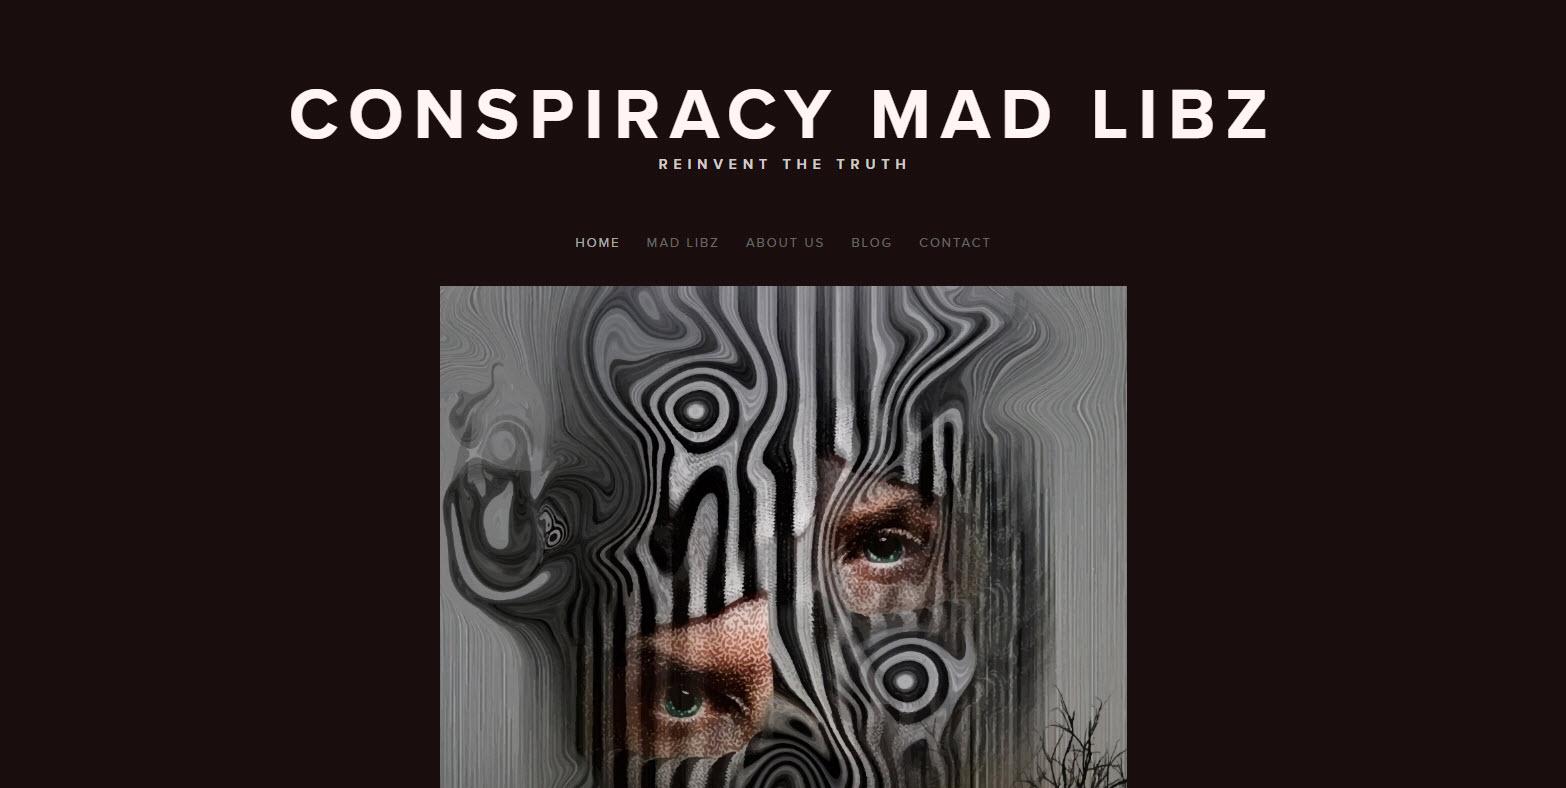 conspiracymadlibz.com